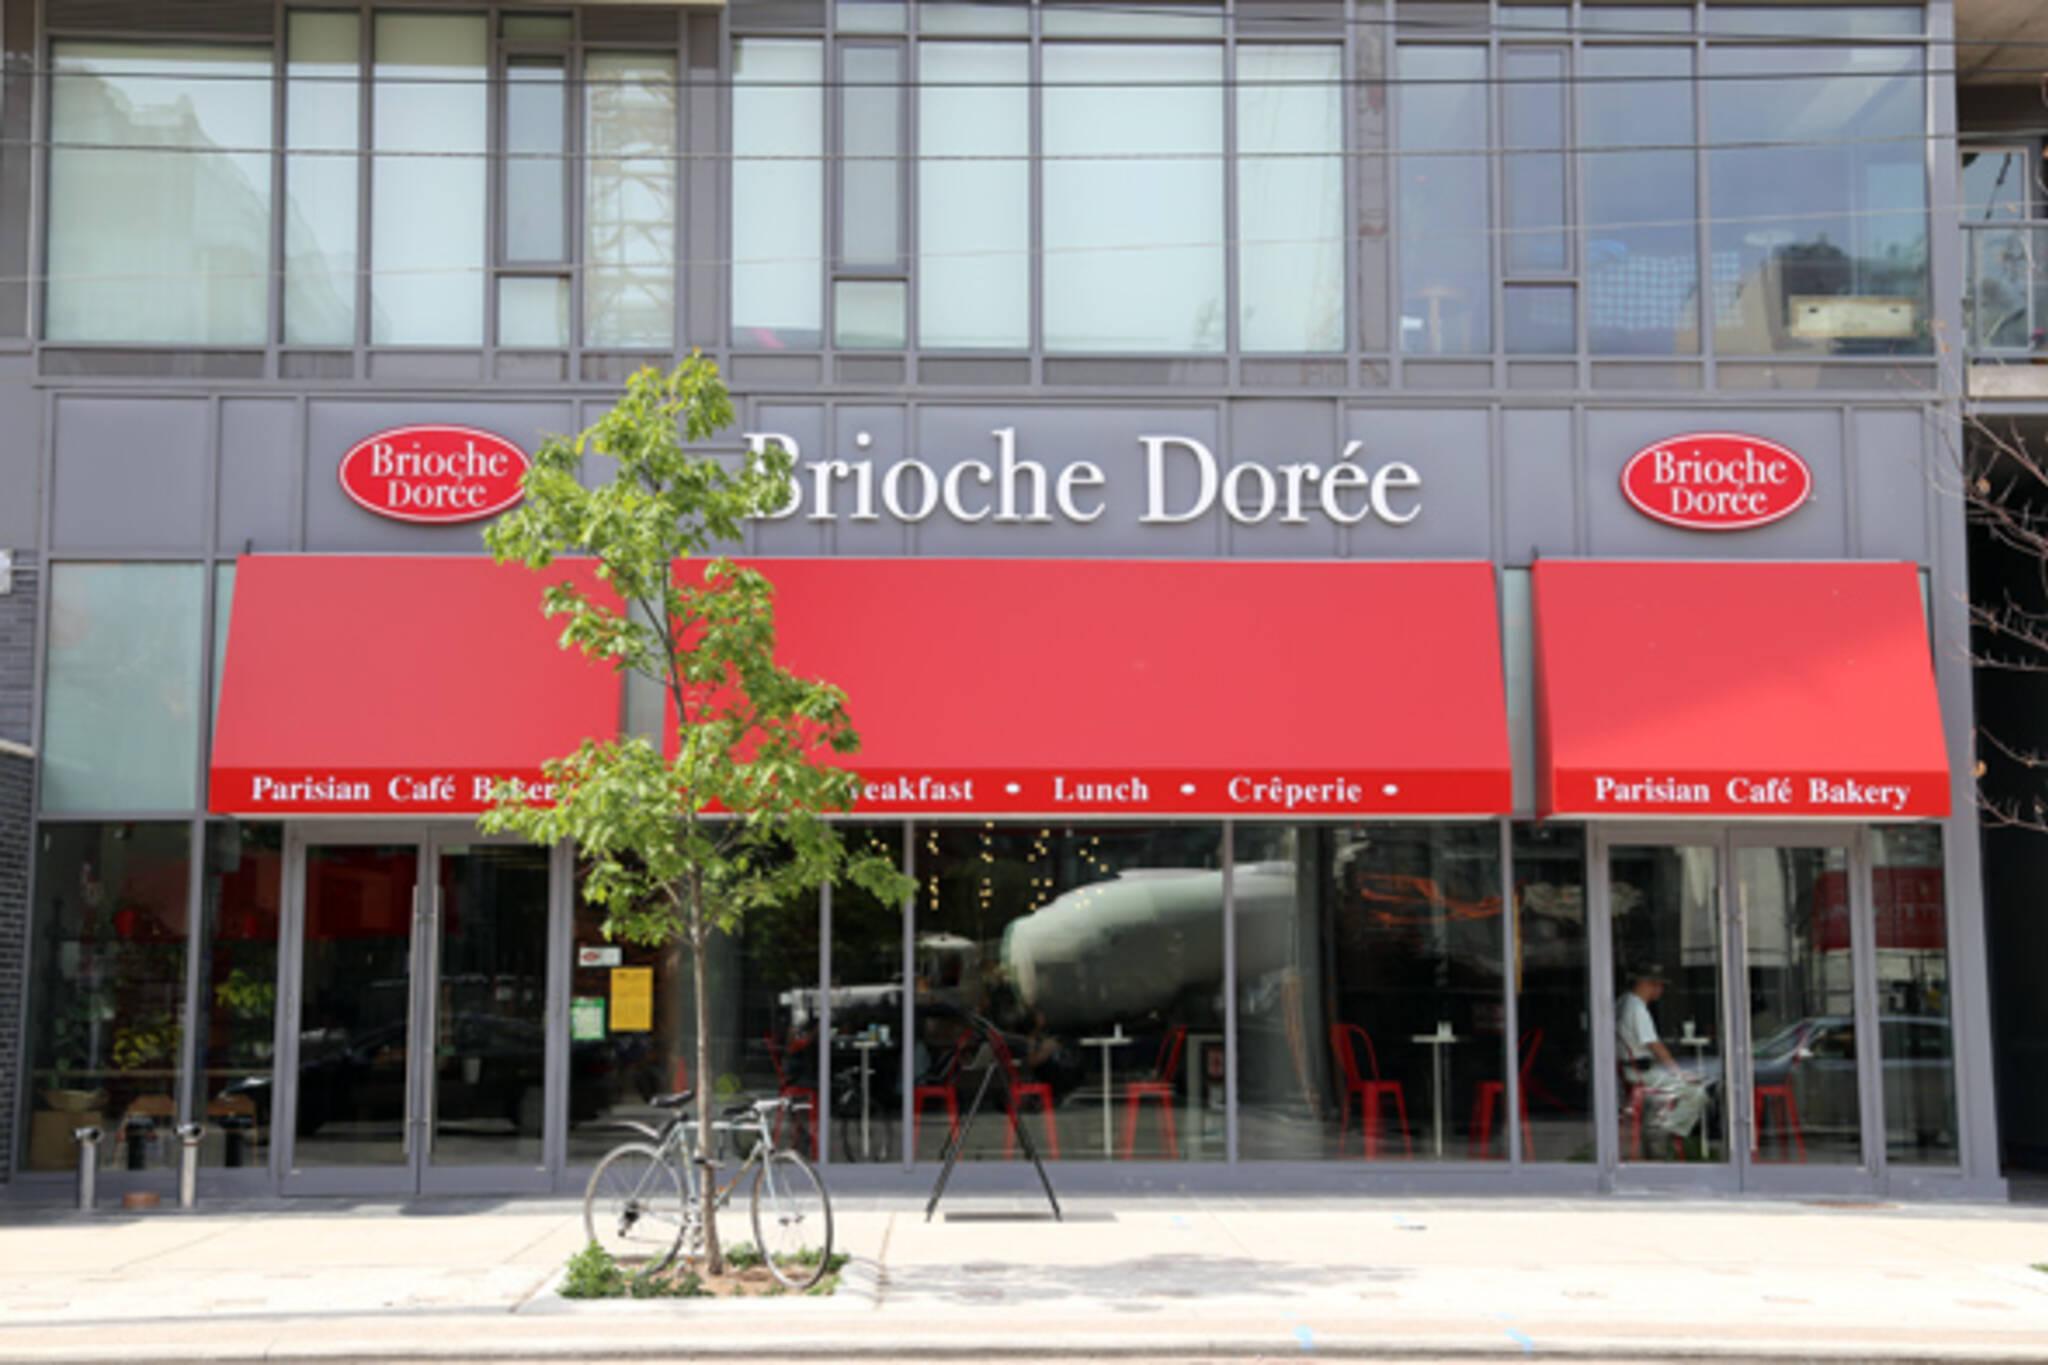 Brioche Doree Toronto